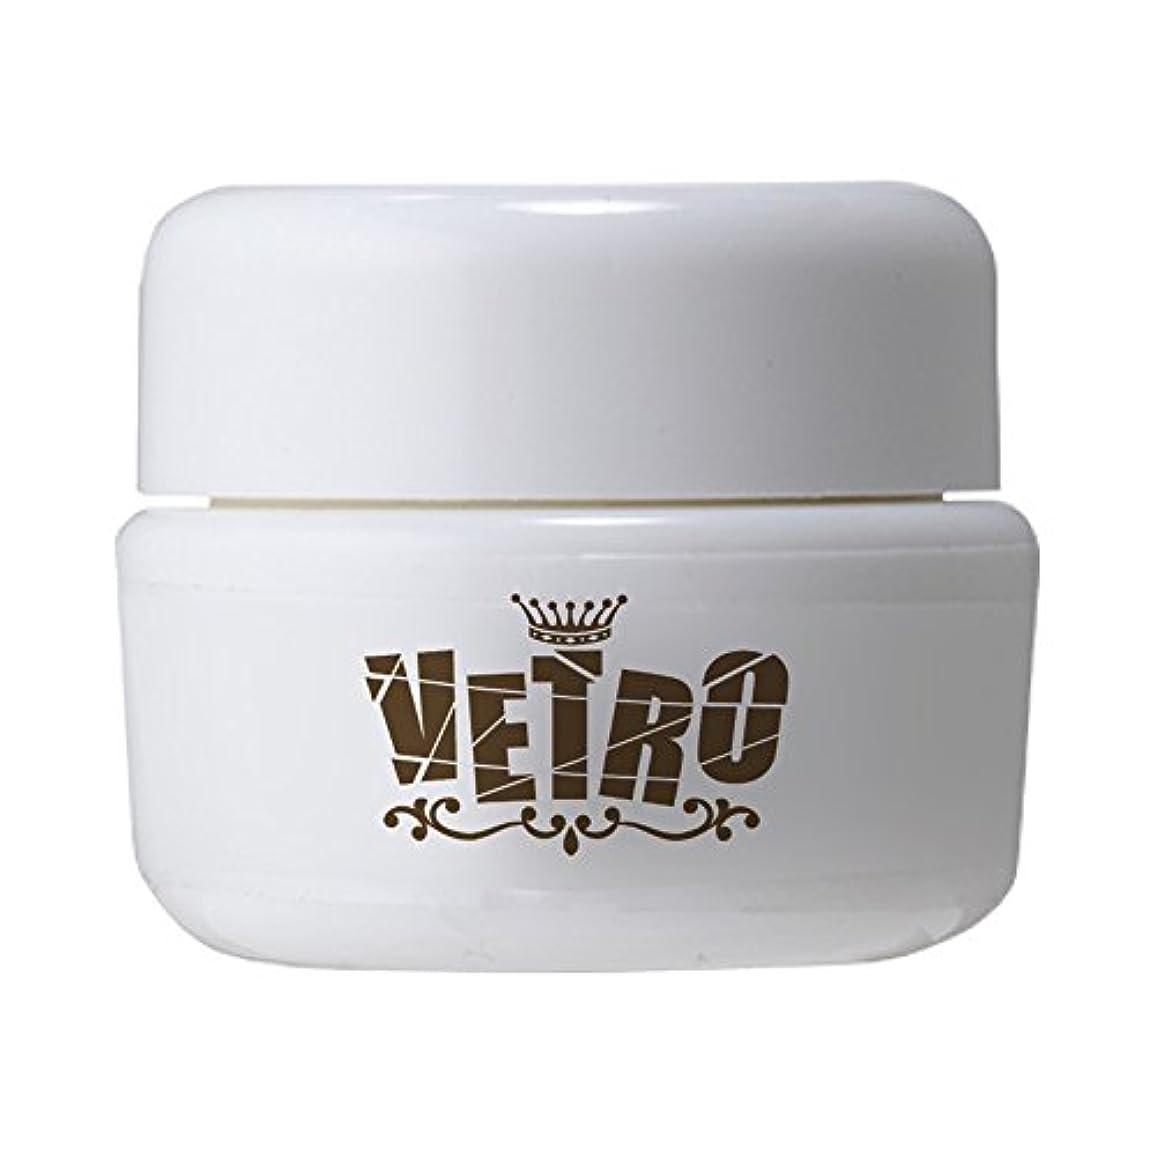 量で鬼ごっこ意味VETRO No.19 カラージェル パール VL008 ロイヤルミルクティー 4ml